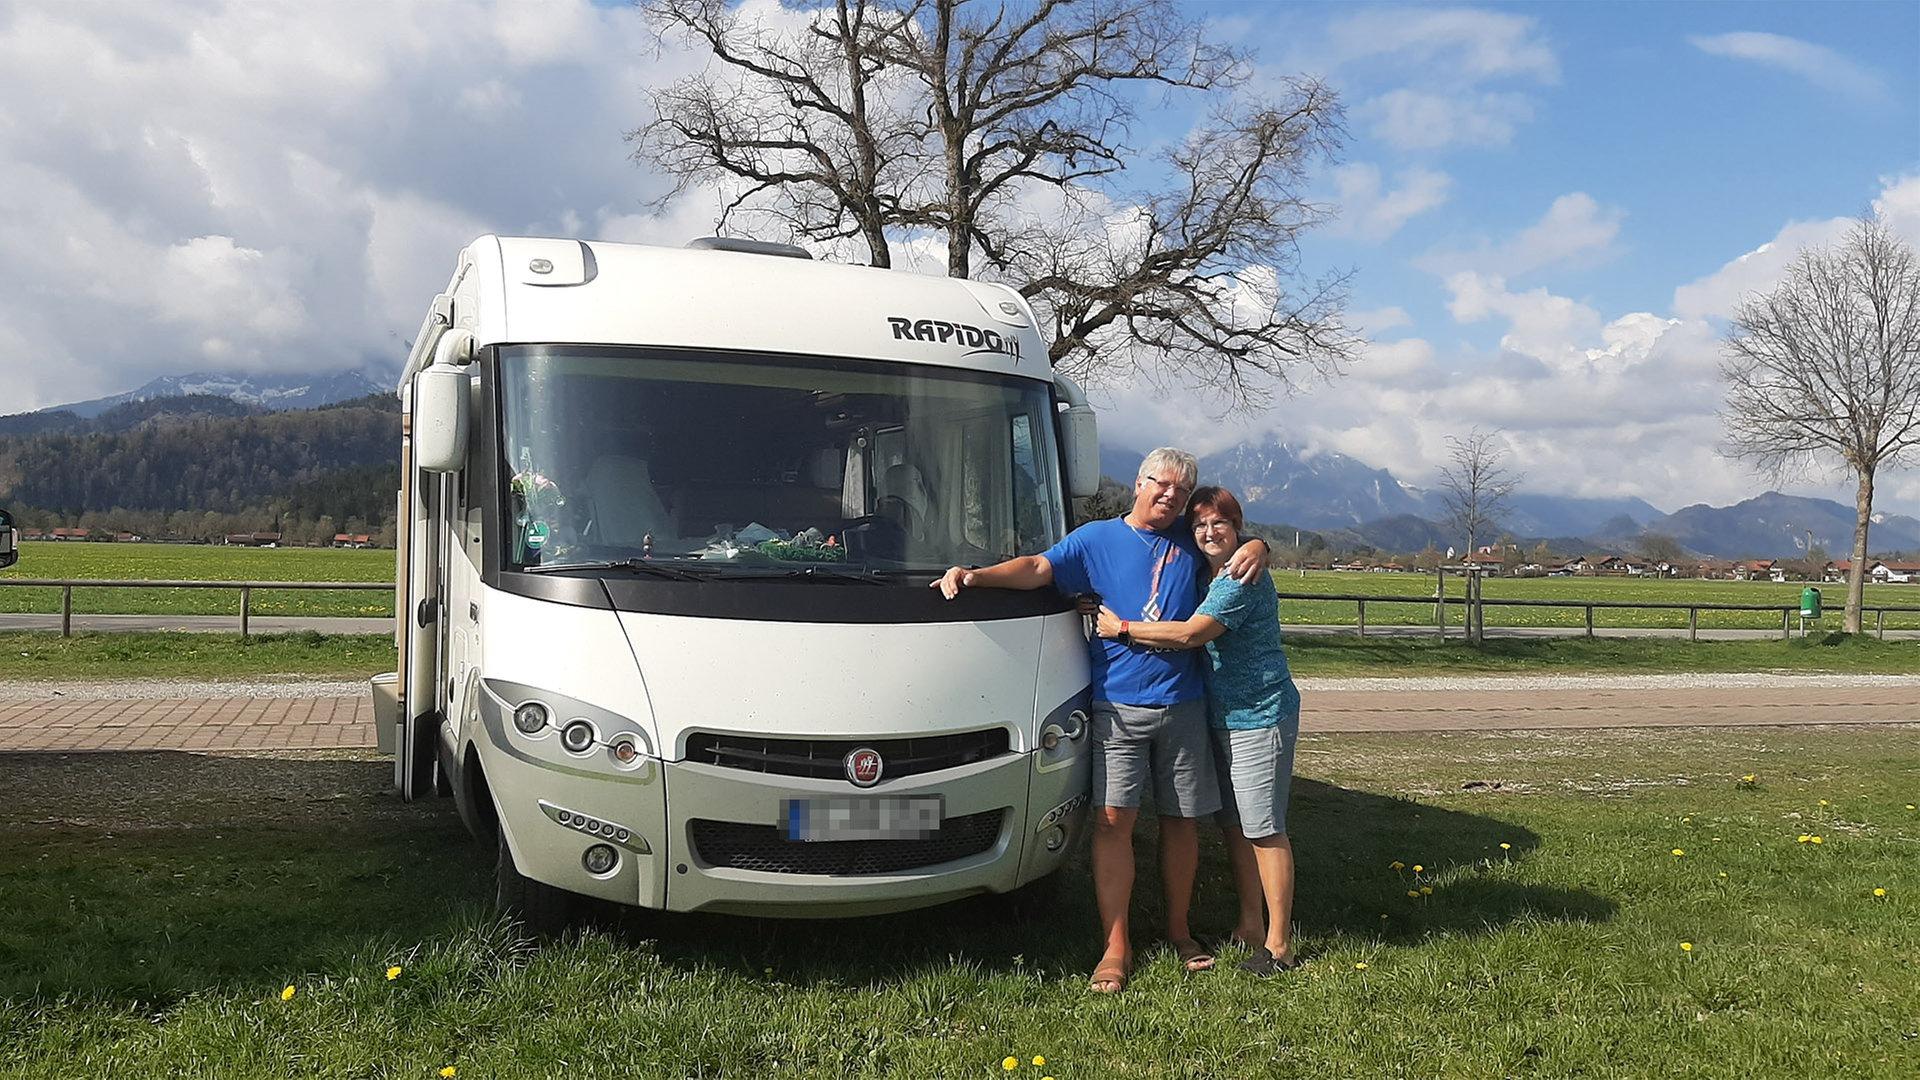 Mit dem Wohnmobil quer durch Europa während Corona  NDR.de - NDR